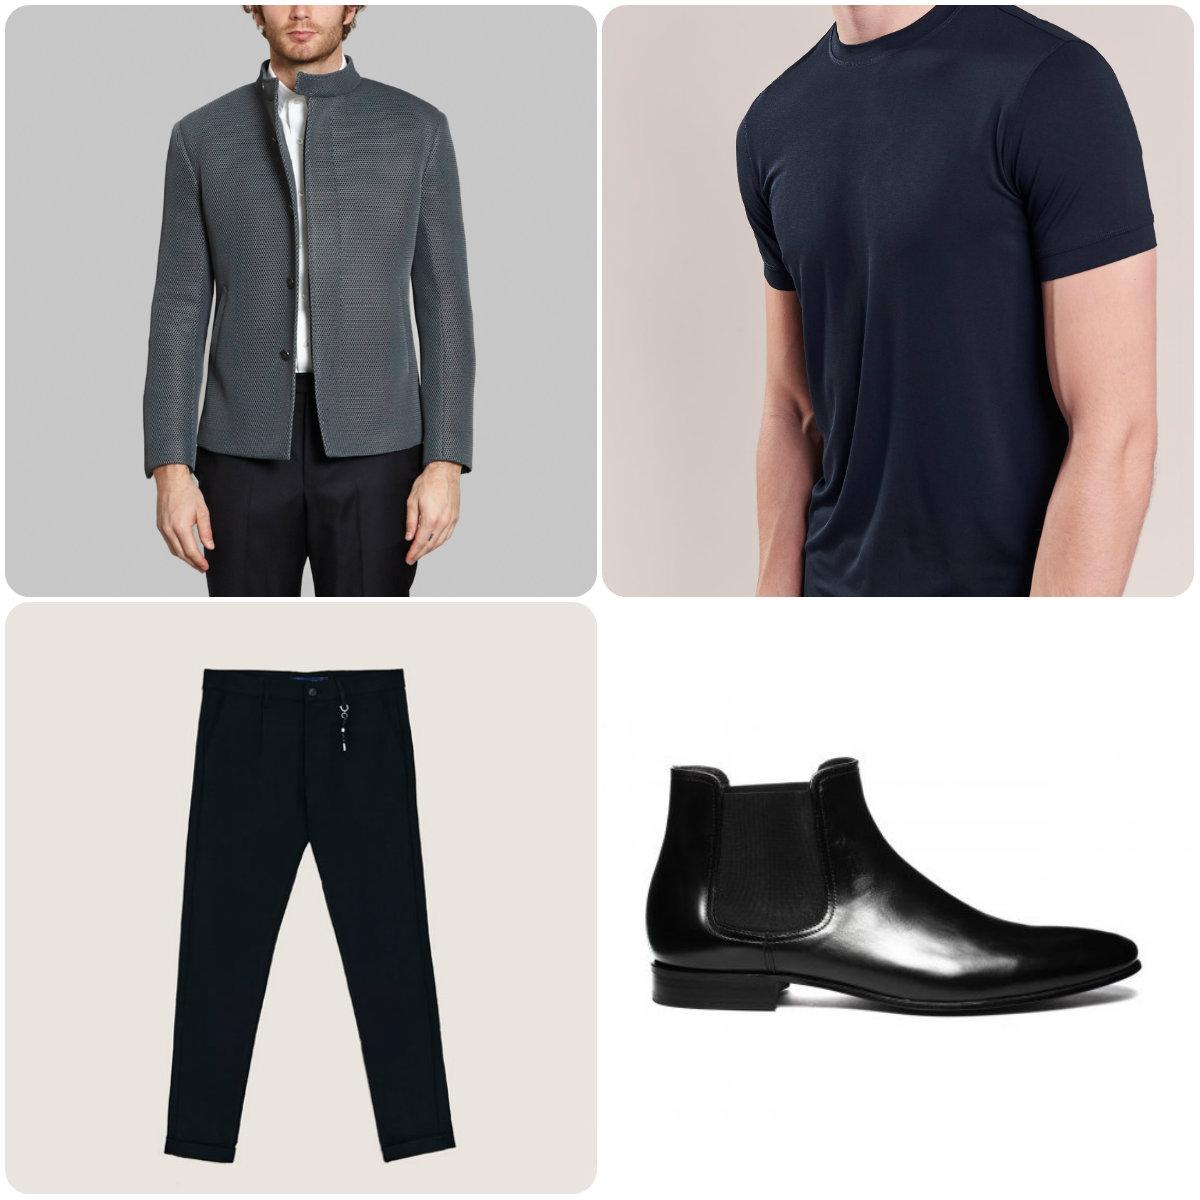 Quel est le style des vêtements Petrol Industries?